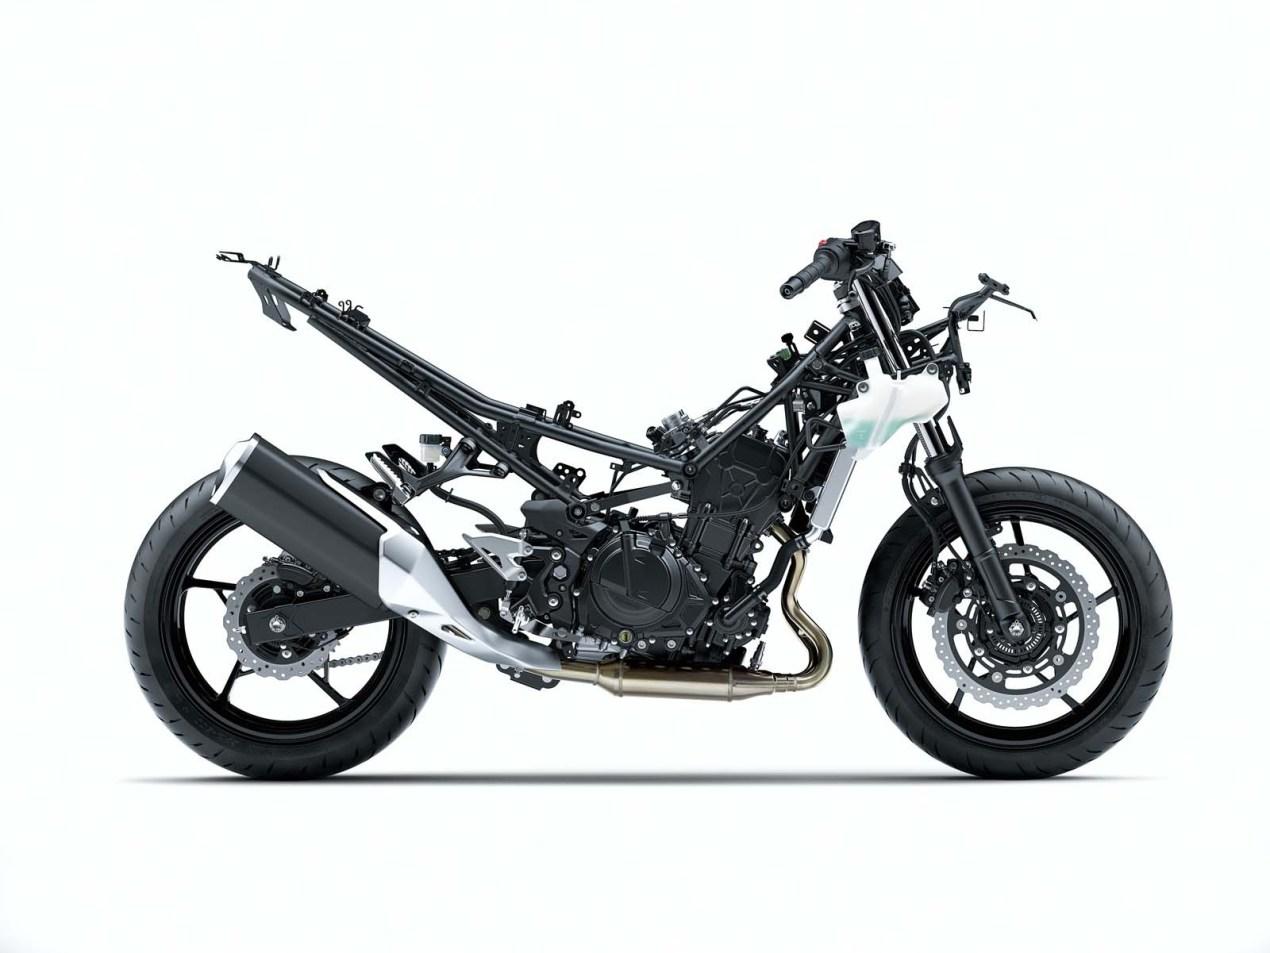 All New Kawasaki Ninja 250 Fi My Apakah Sudah Sesuai